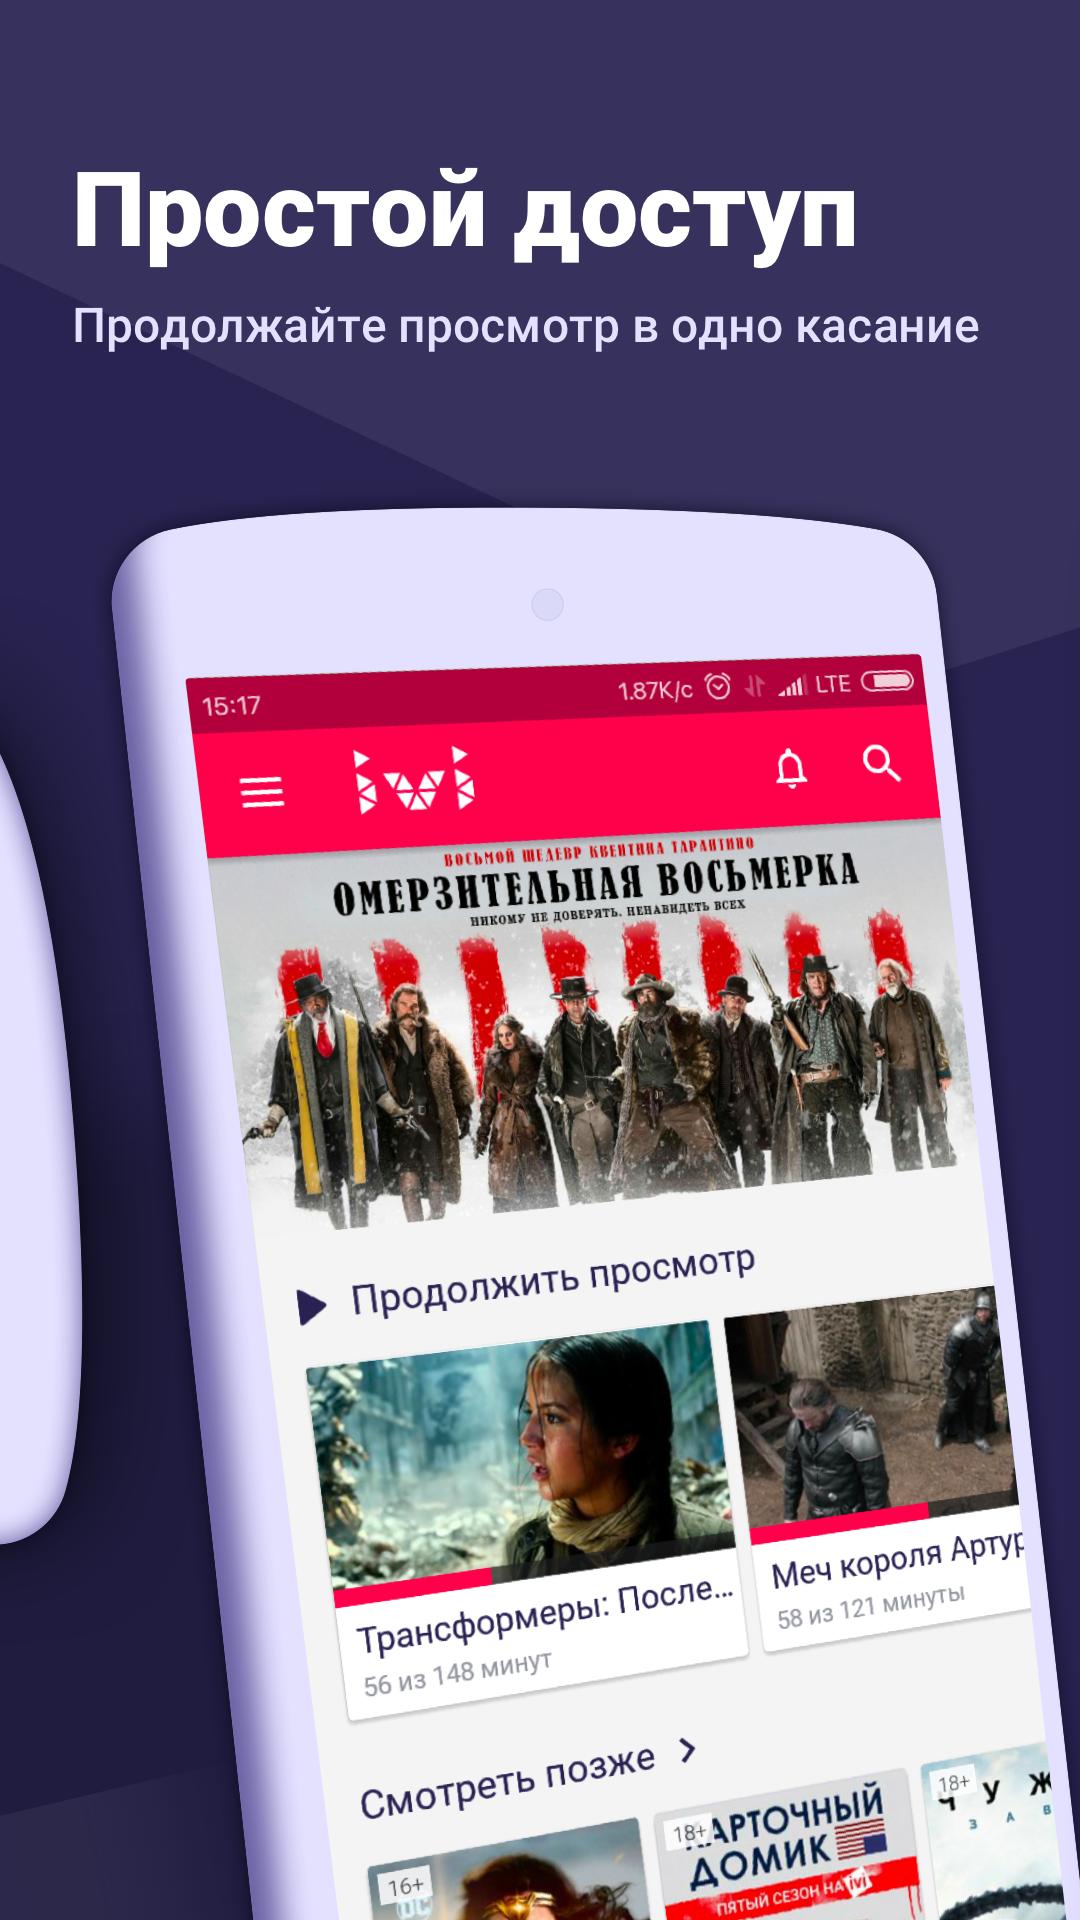 Ivi фильмы и сериалы онлайн конкурс золотой сайт и